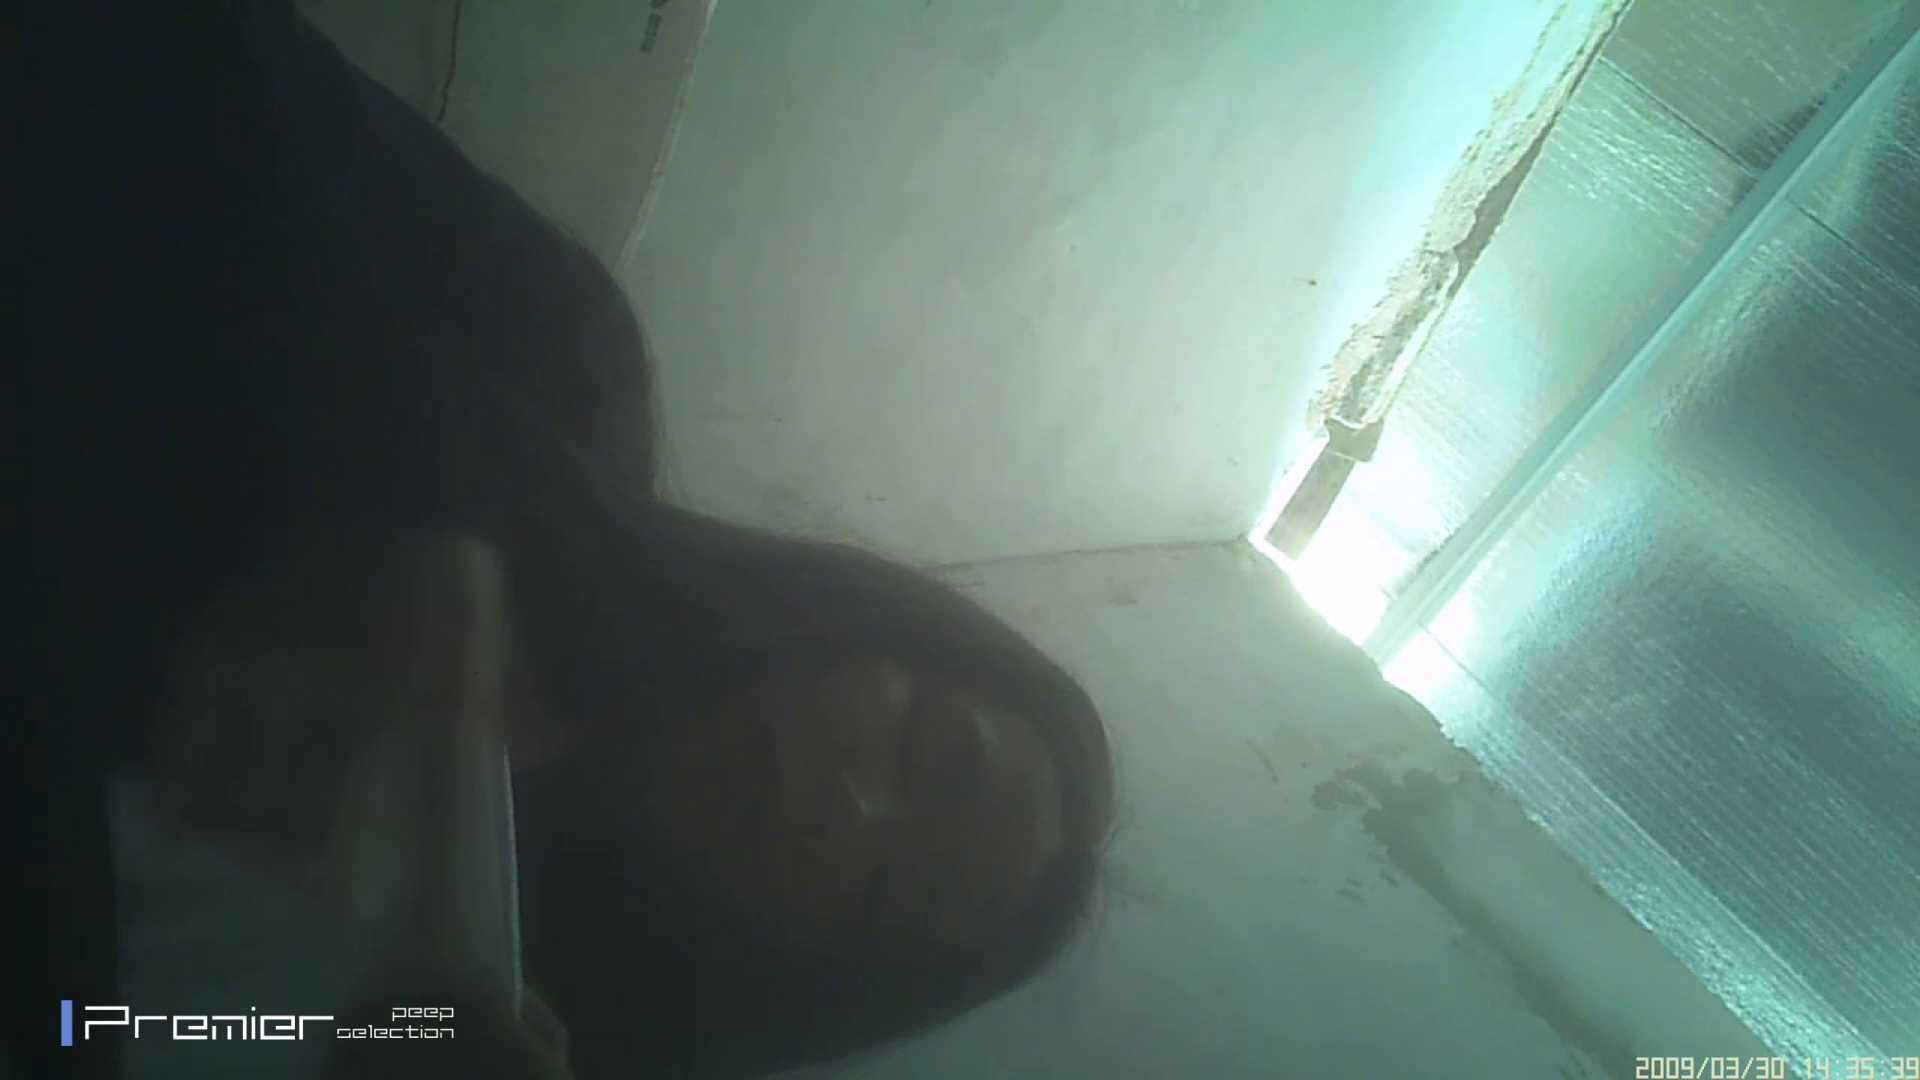 美女のパンチラ&トイレシーンを密着盗撮!! 盗撮コレクションVol.04 トイレの実態 ヌード画像 79PIX 54